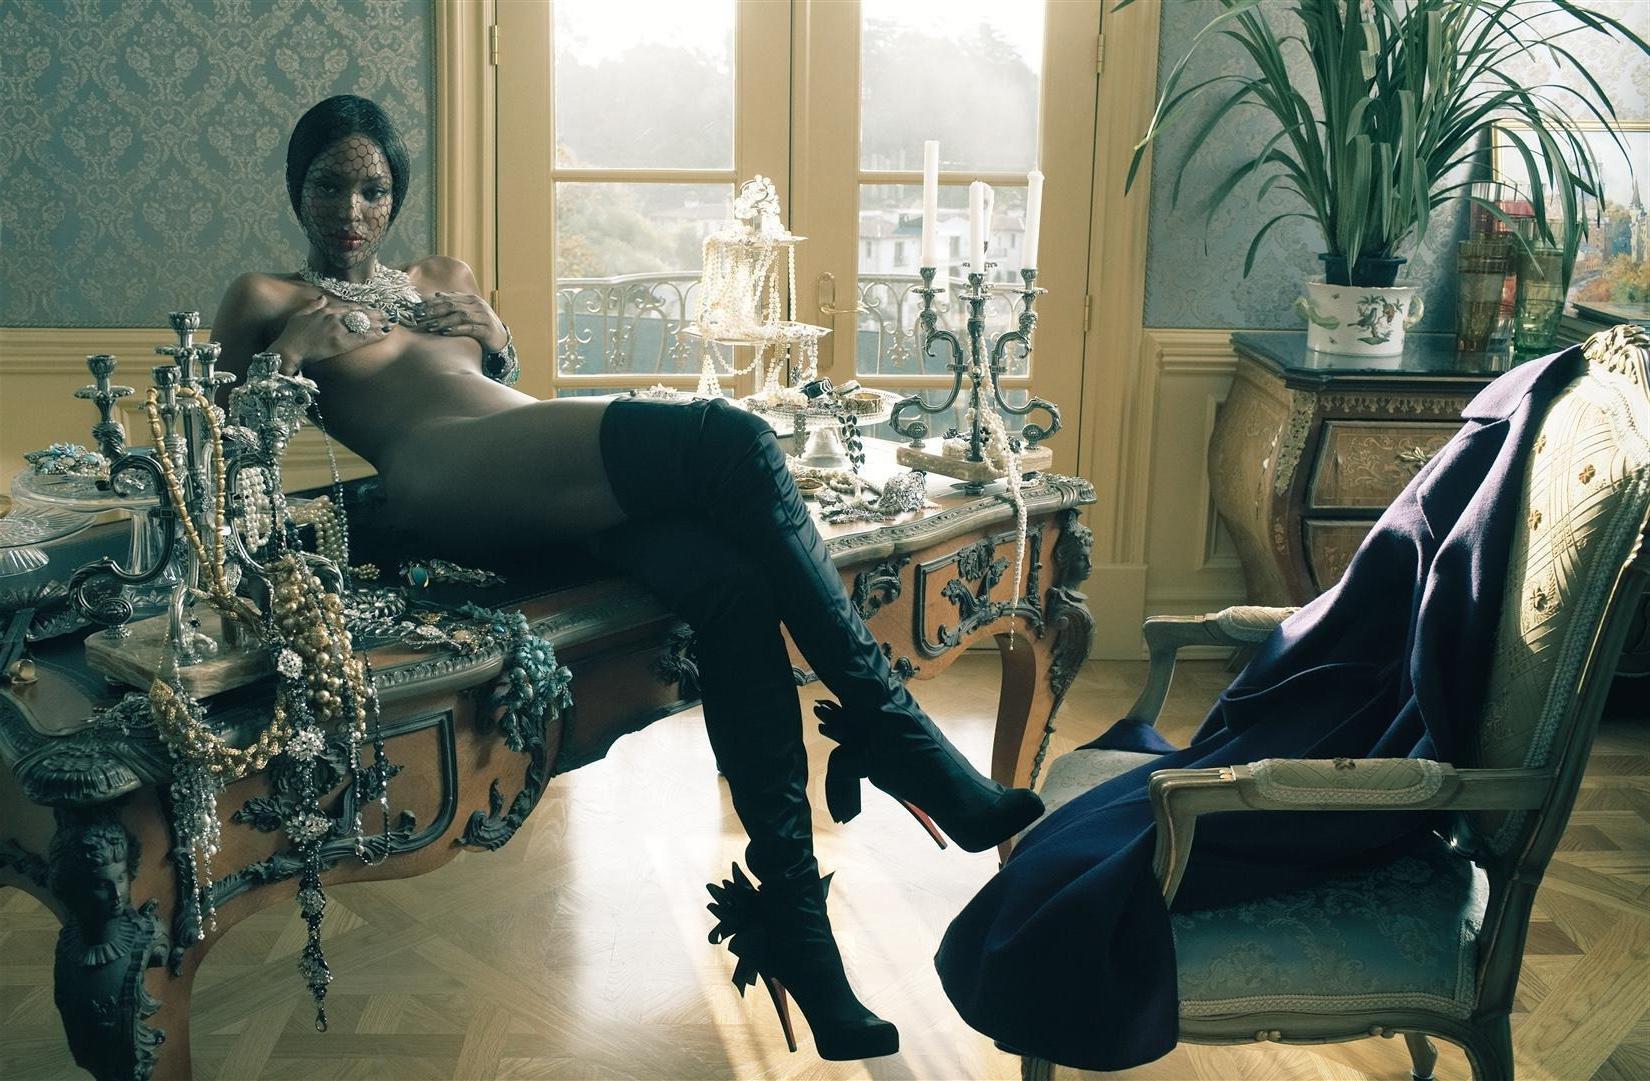 эротические фотографии красивых дам в роскошных апартаментах и спальнях что коридоре